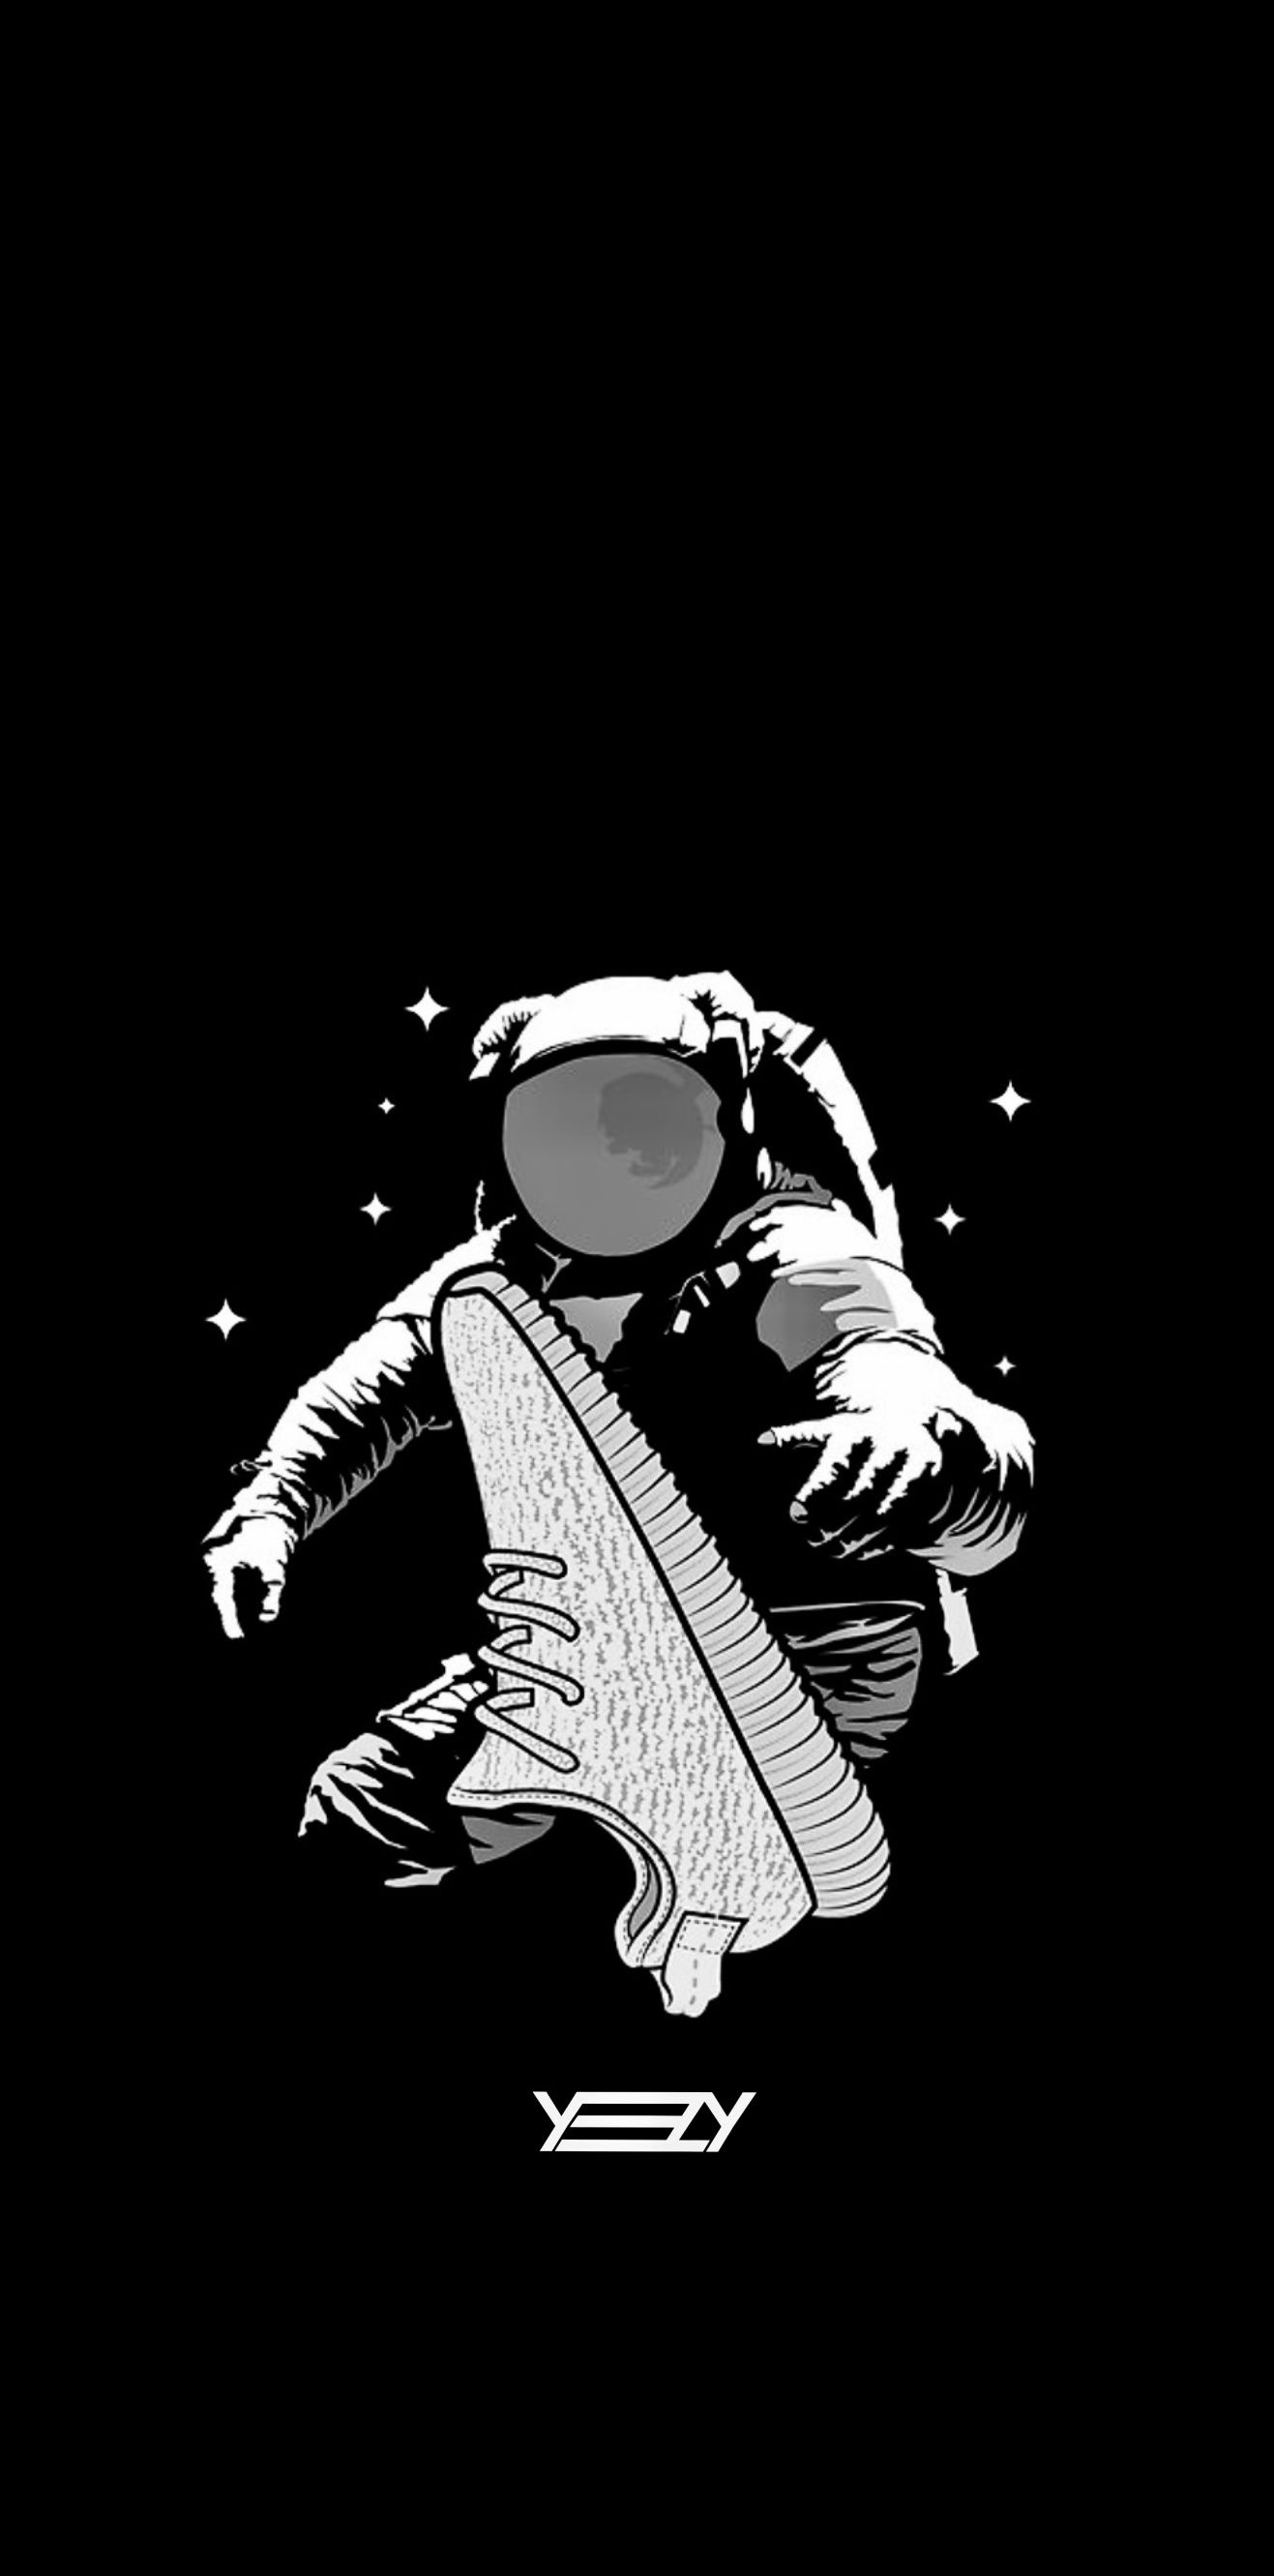 Yeezy Moonrock Sneakers Pinterest Wallpaper Iphone Wallpaper